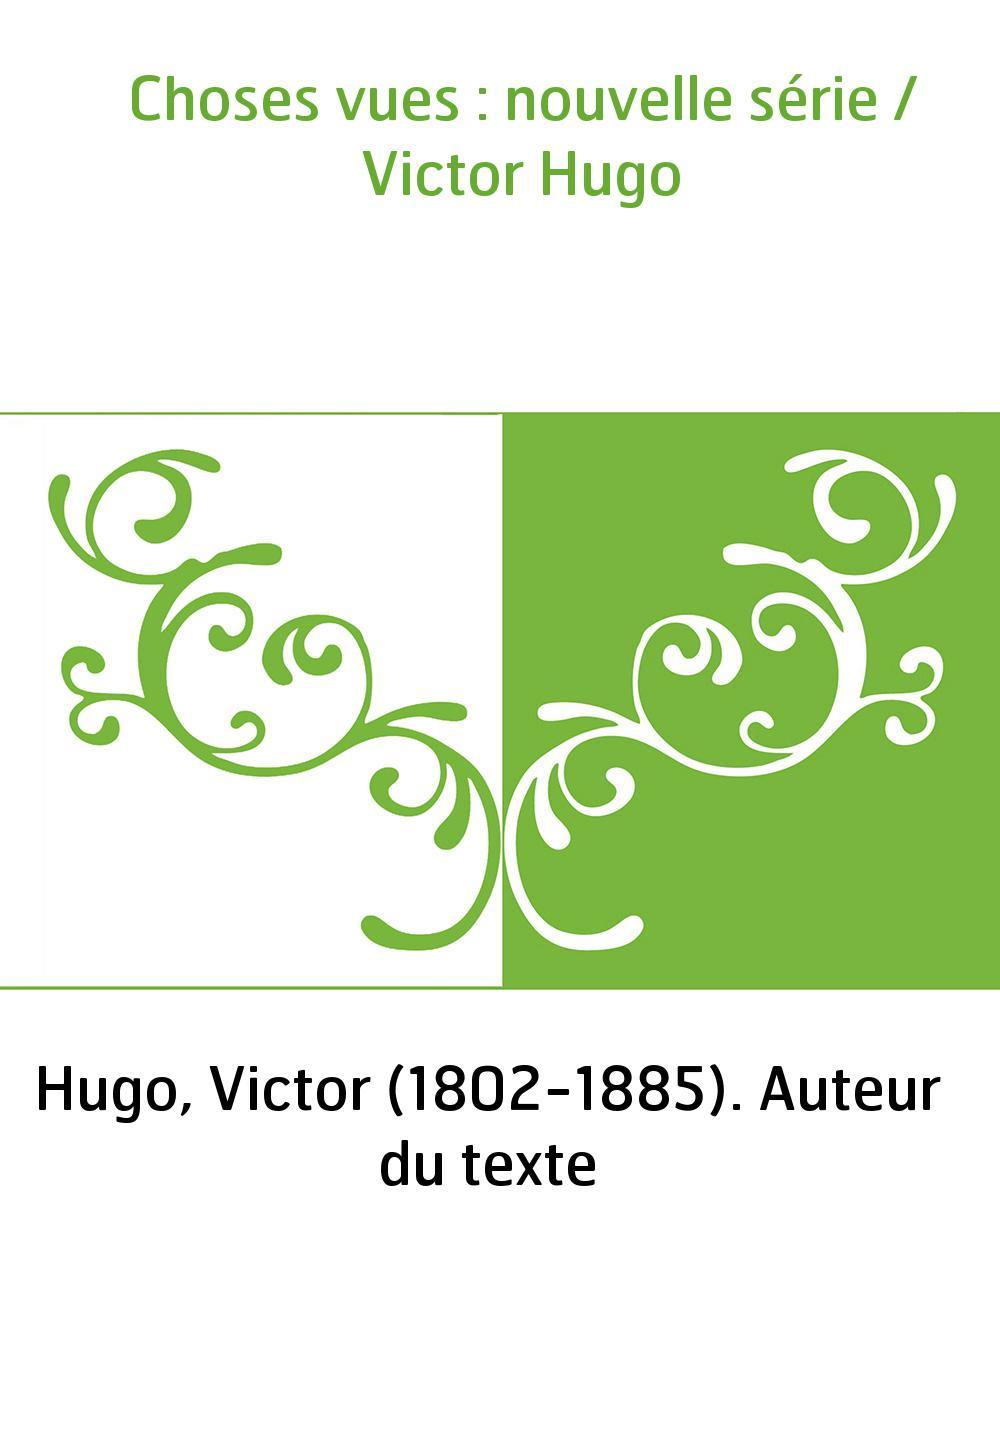 Choses vues : nouvelle série / Victor Hugo